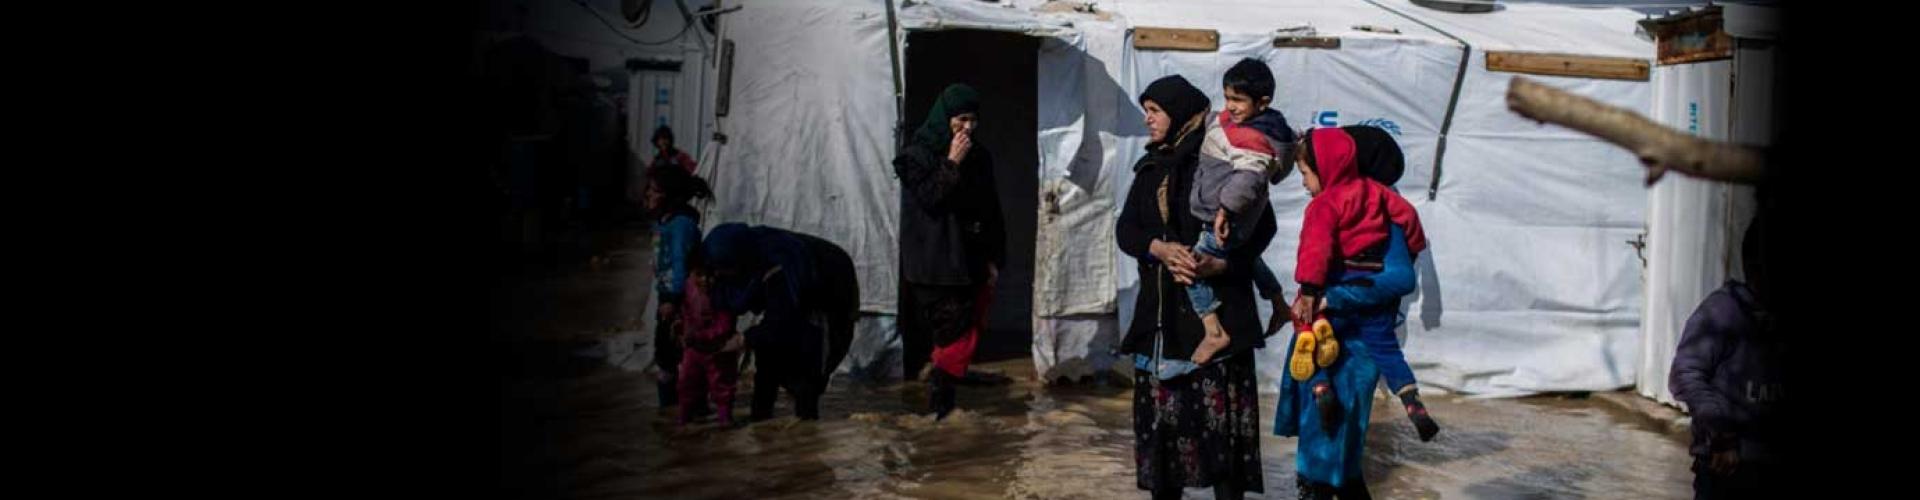 พายุและน้ำท่วมรุนแรงทำให้ผู้ลี้ภัยชาวซีเรียในประเทศเลบานอนตกอยู่ในความยากลำบาก